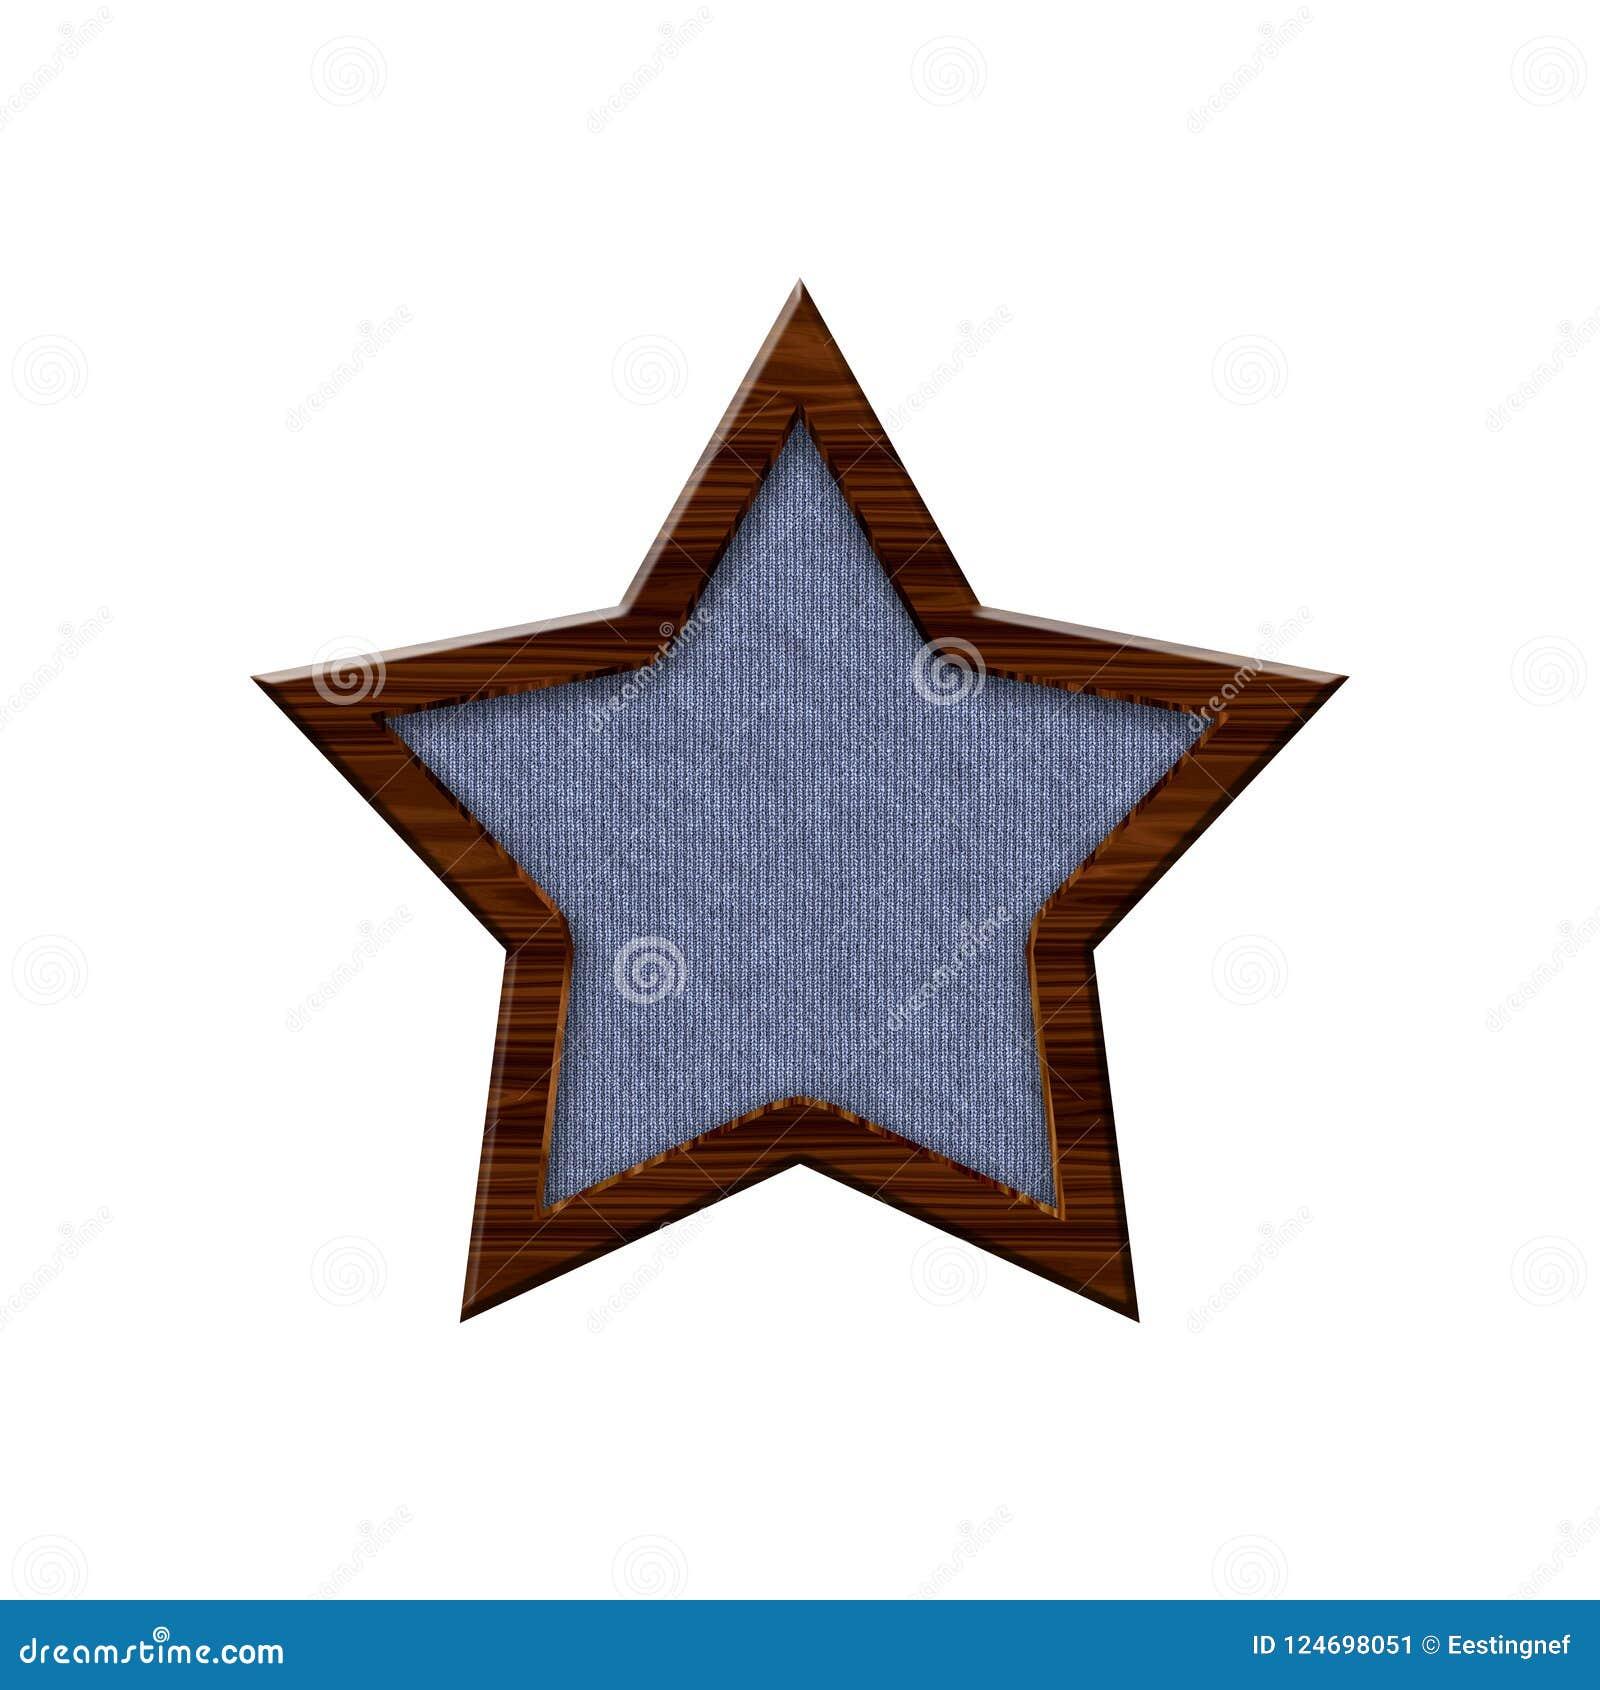 Doekkenteken met houten grens in vorm van ster